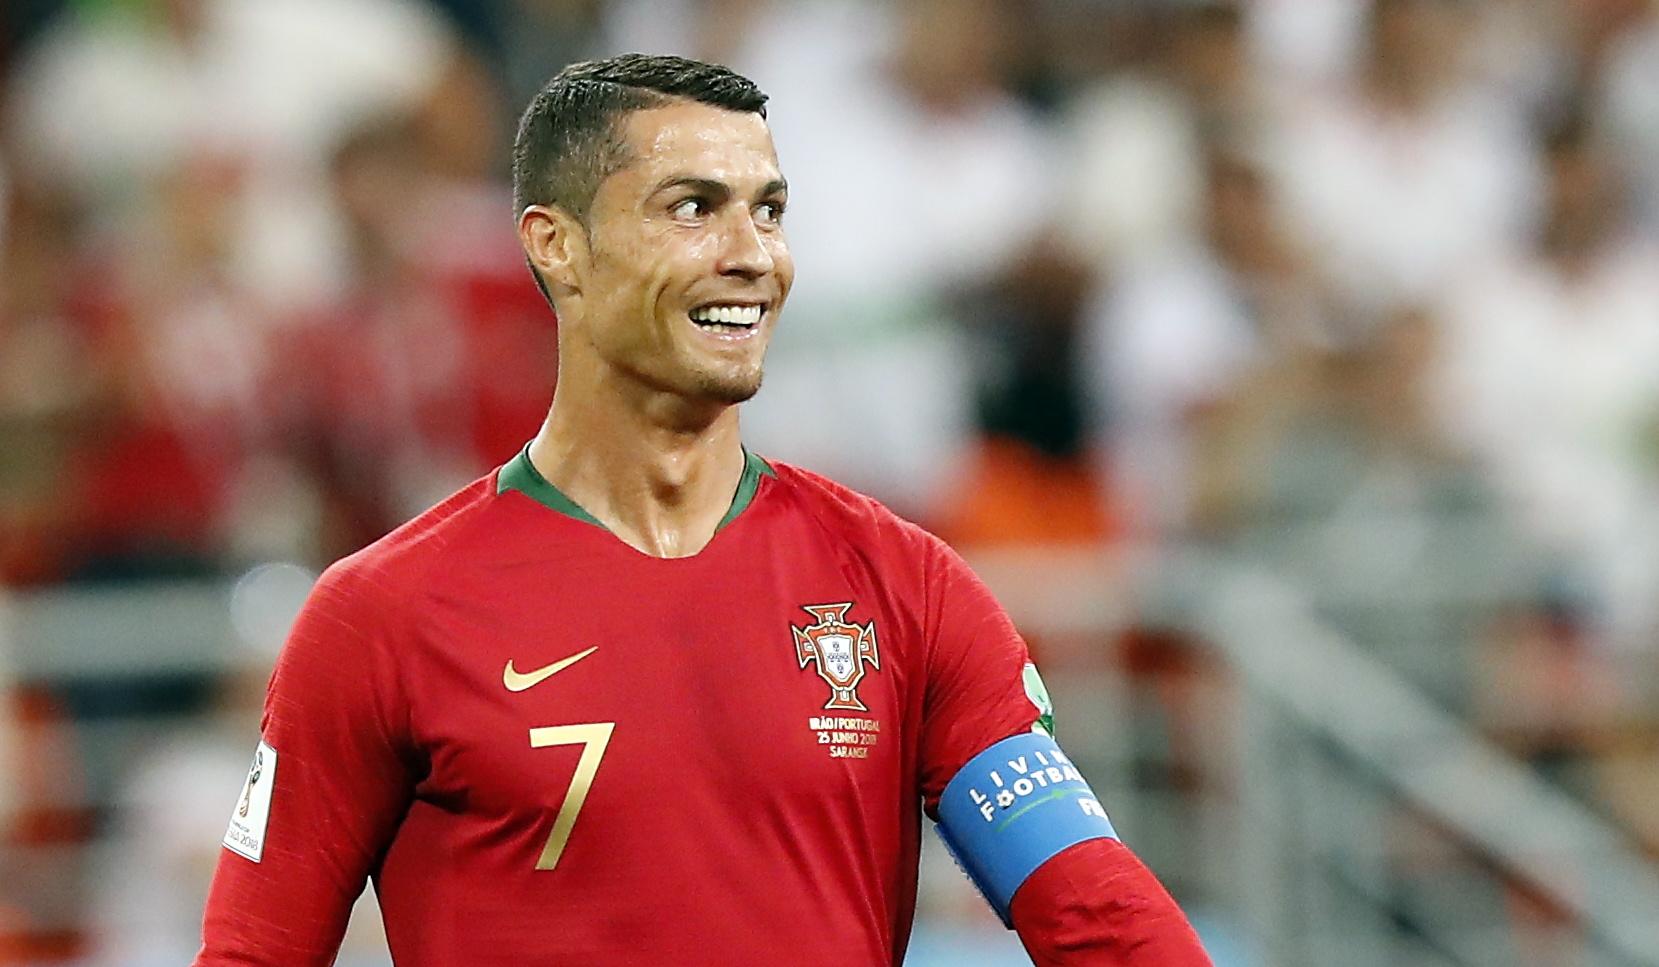 3c74fb51a4557 Cristiano Ronaldo regressa à seleção em 2019 - Renascença